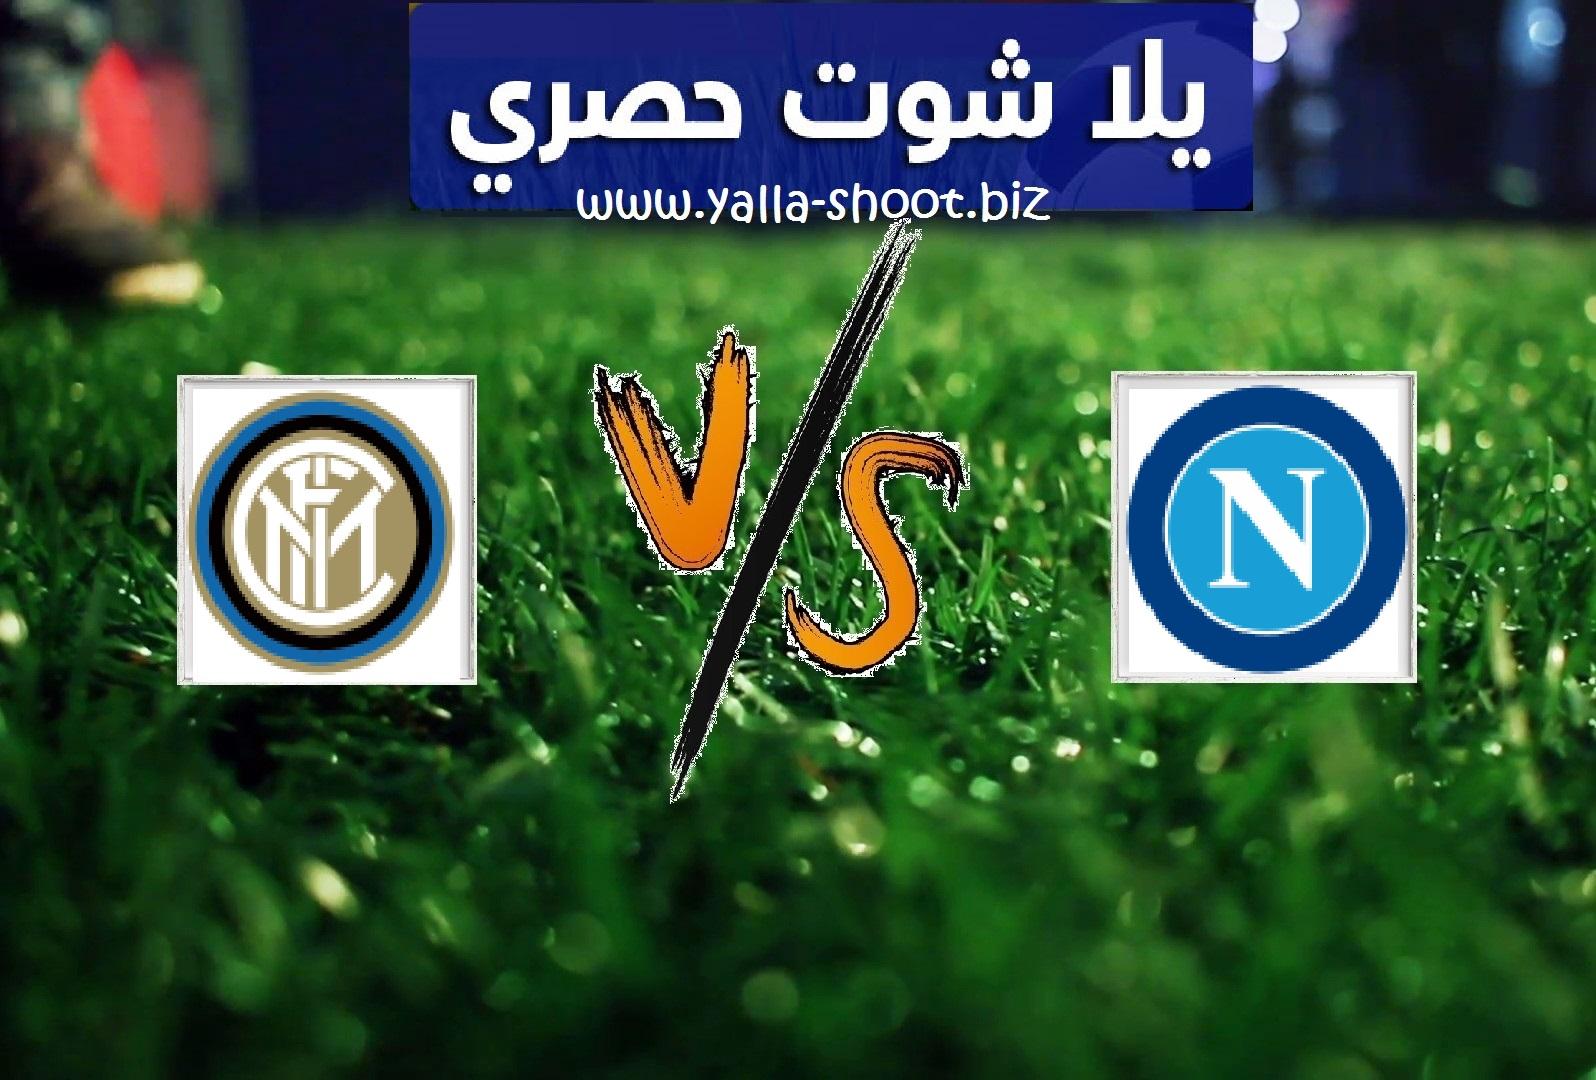 نتيجة مباراة انتر ميلان ونابولي بتاريخ 12-02-2020 كأس إيطاليا